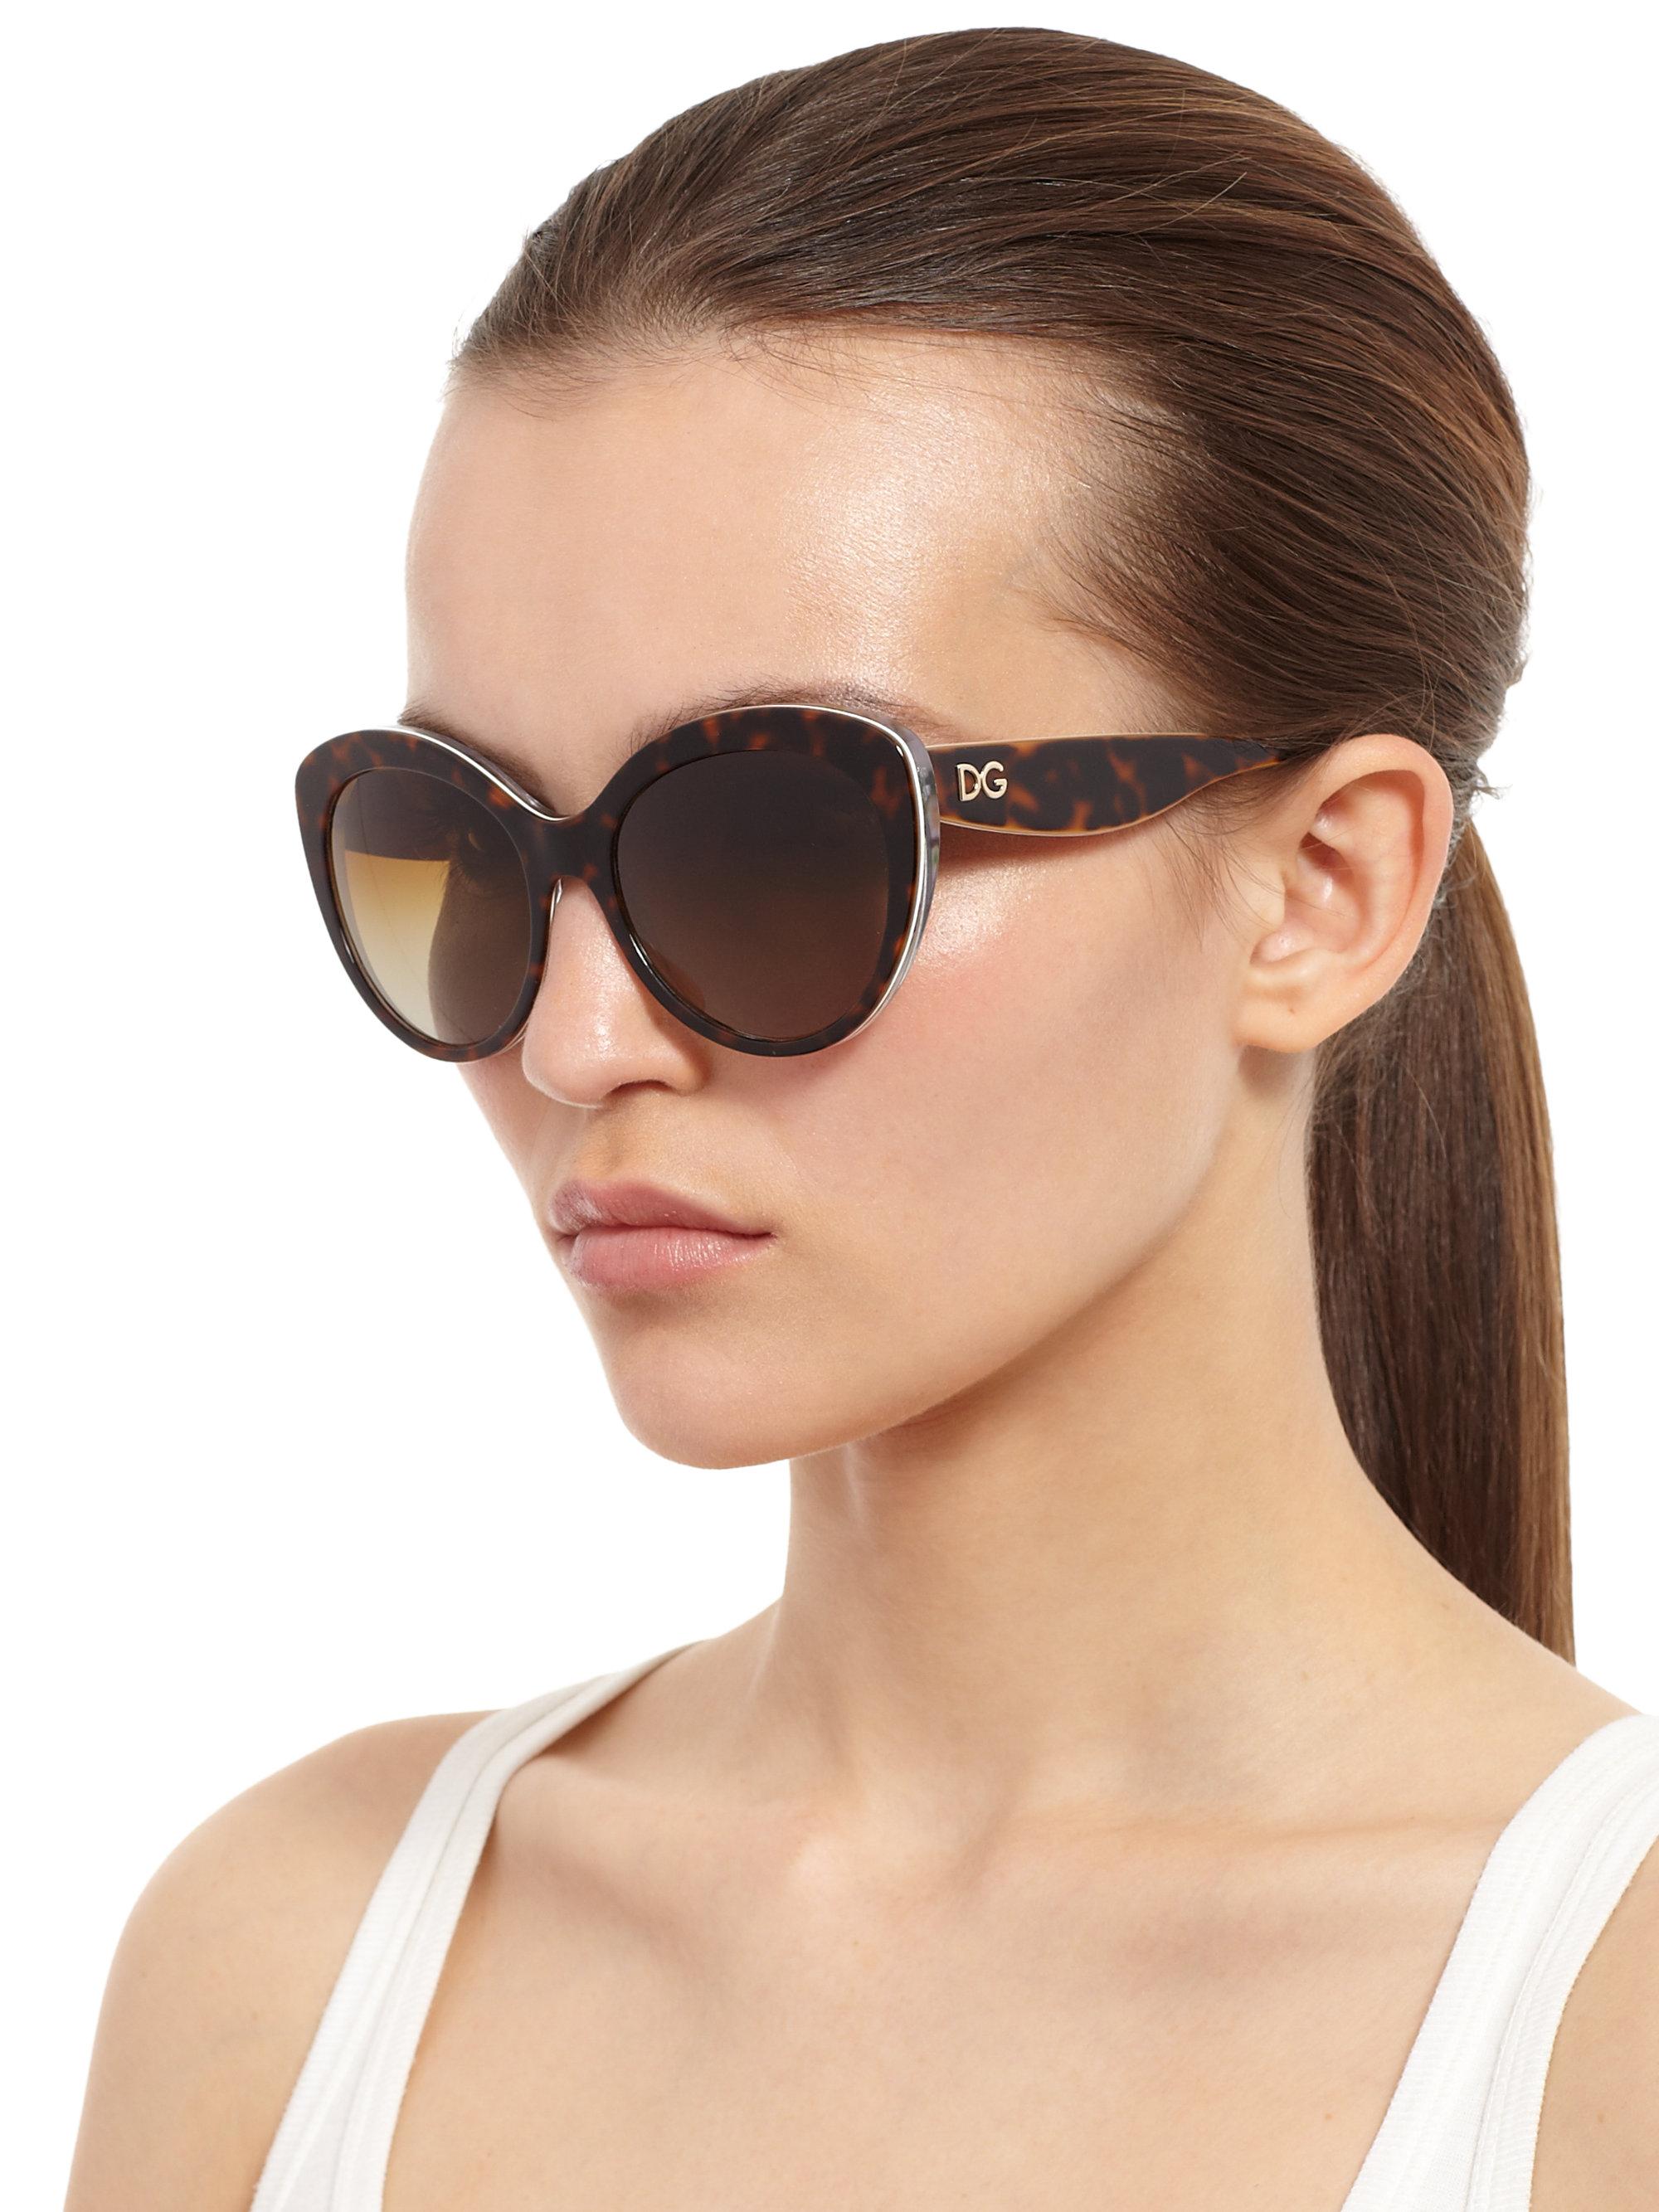 1d4d064833a5 Dolce & Gabbana Multi-Print Cat'S-Eye Sunglasses in Black - Lyst